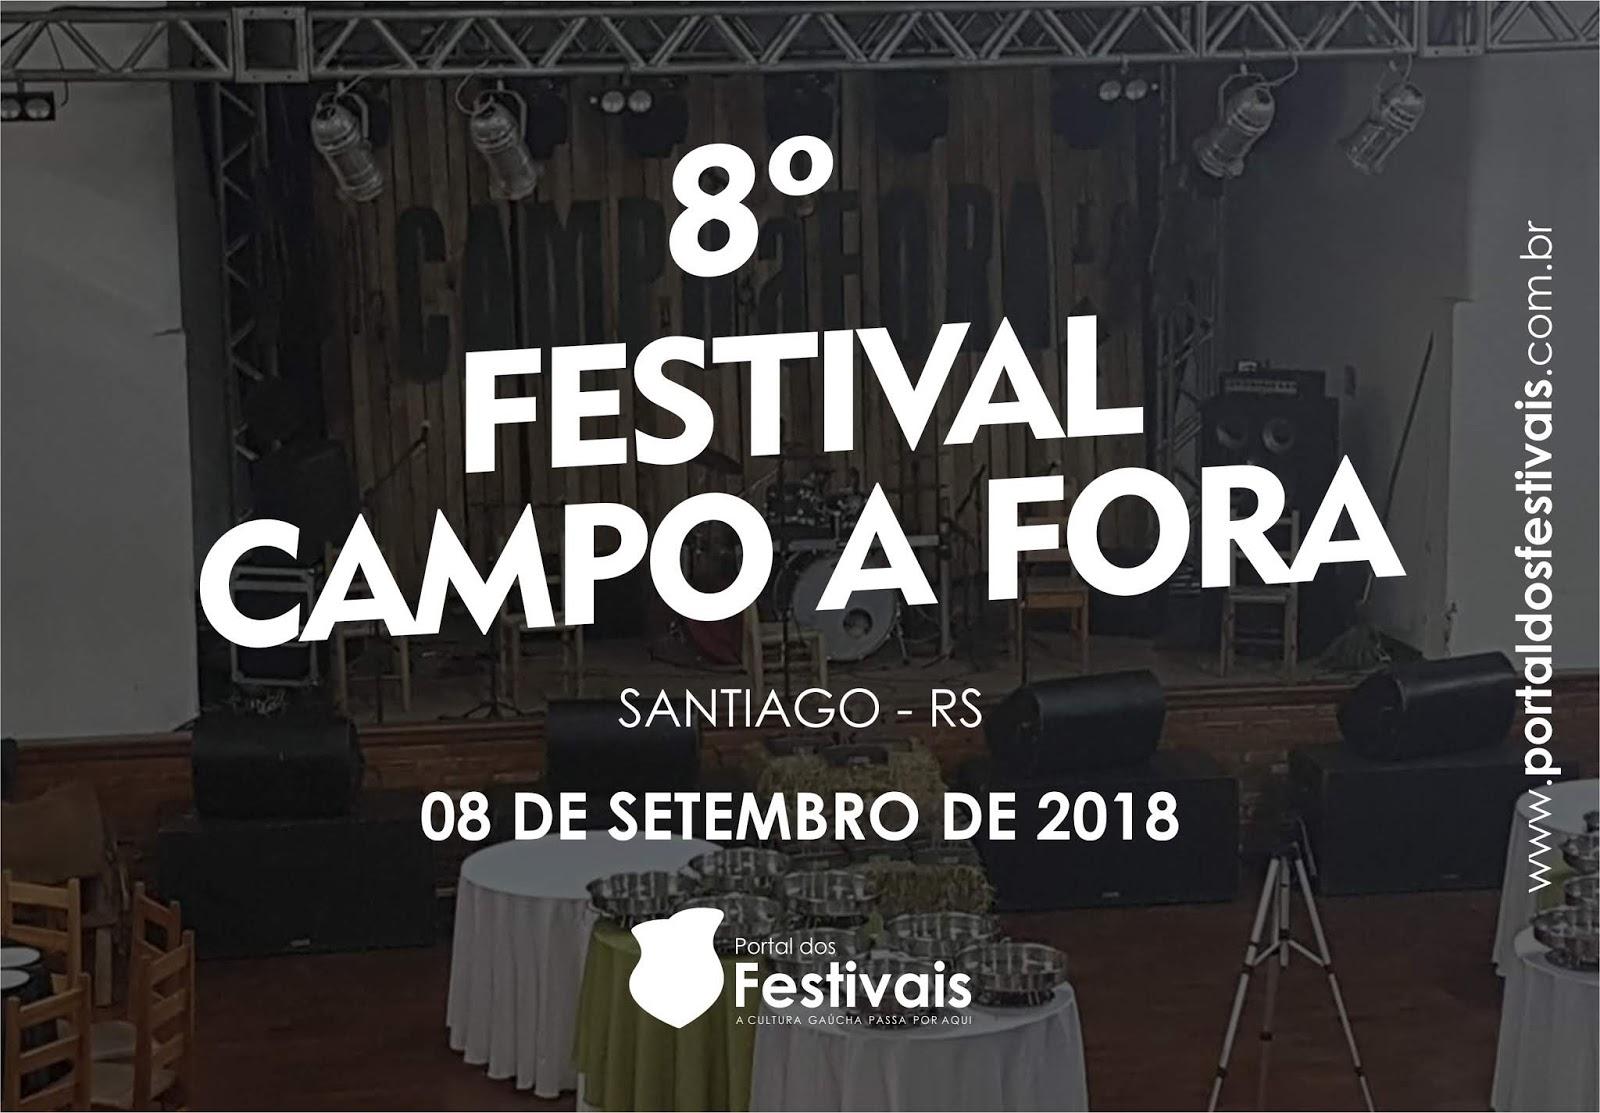 Abertas as inscrições para a 8ª edição do Festival Campo a Fora